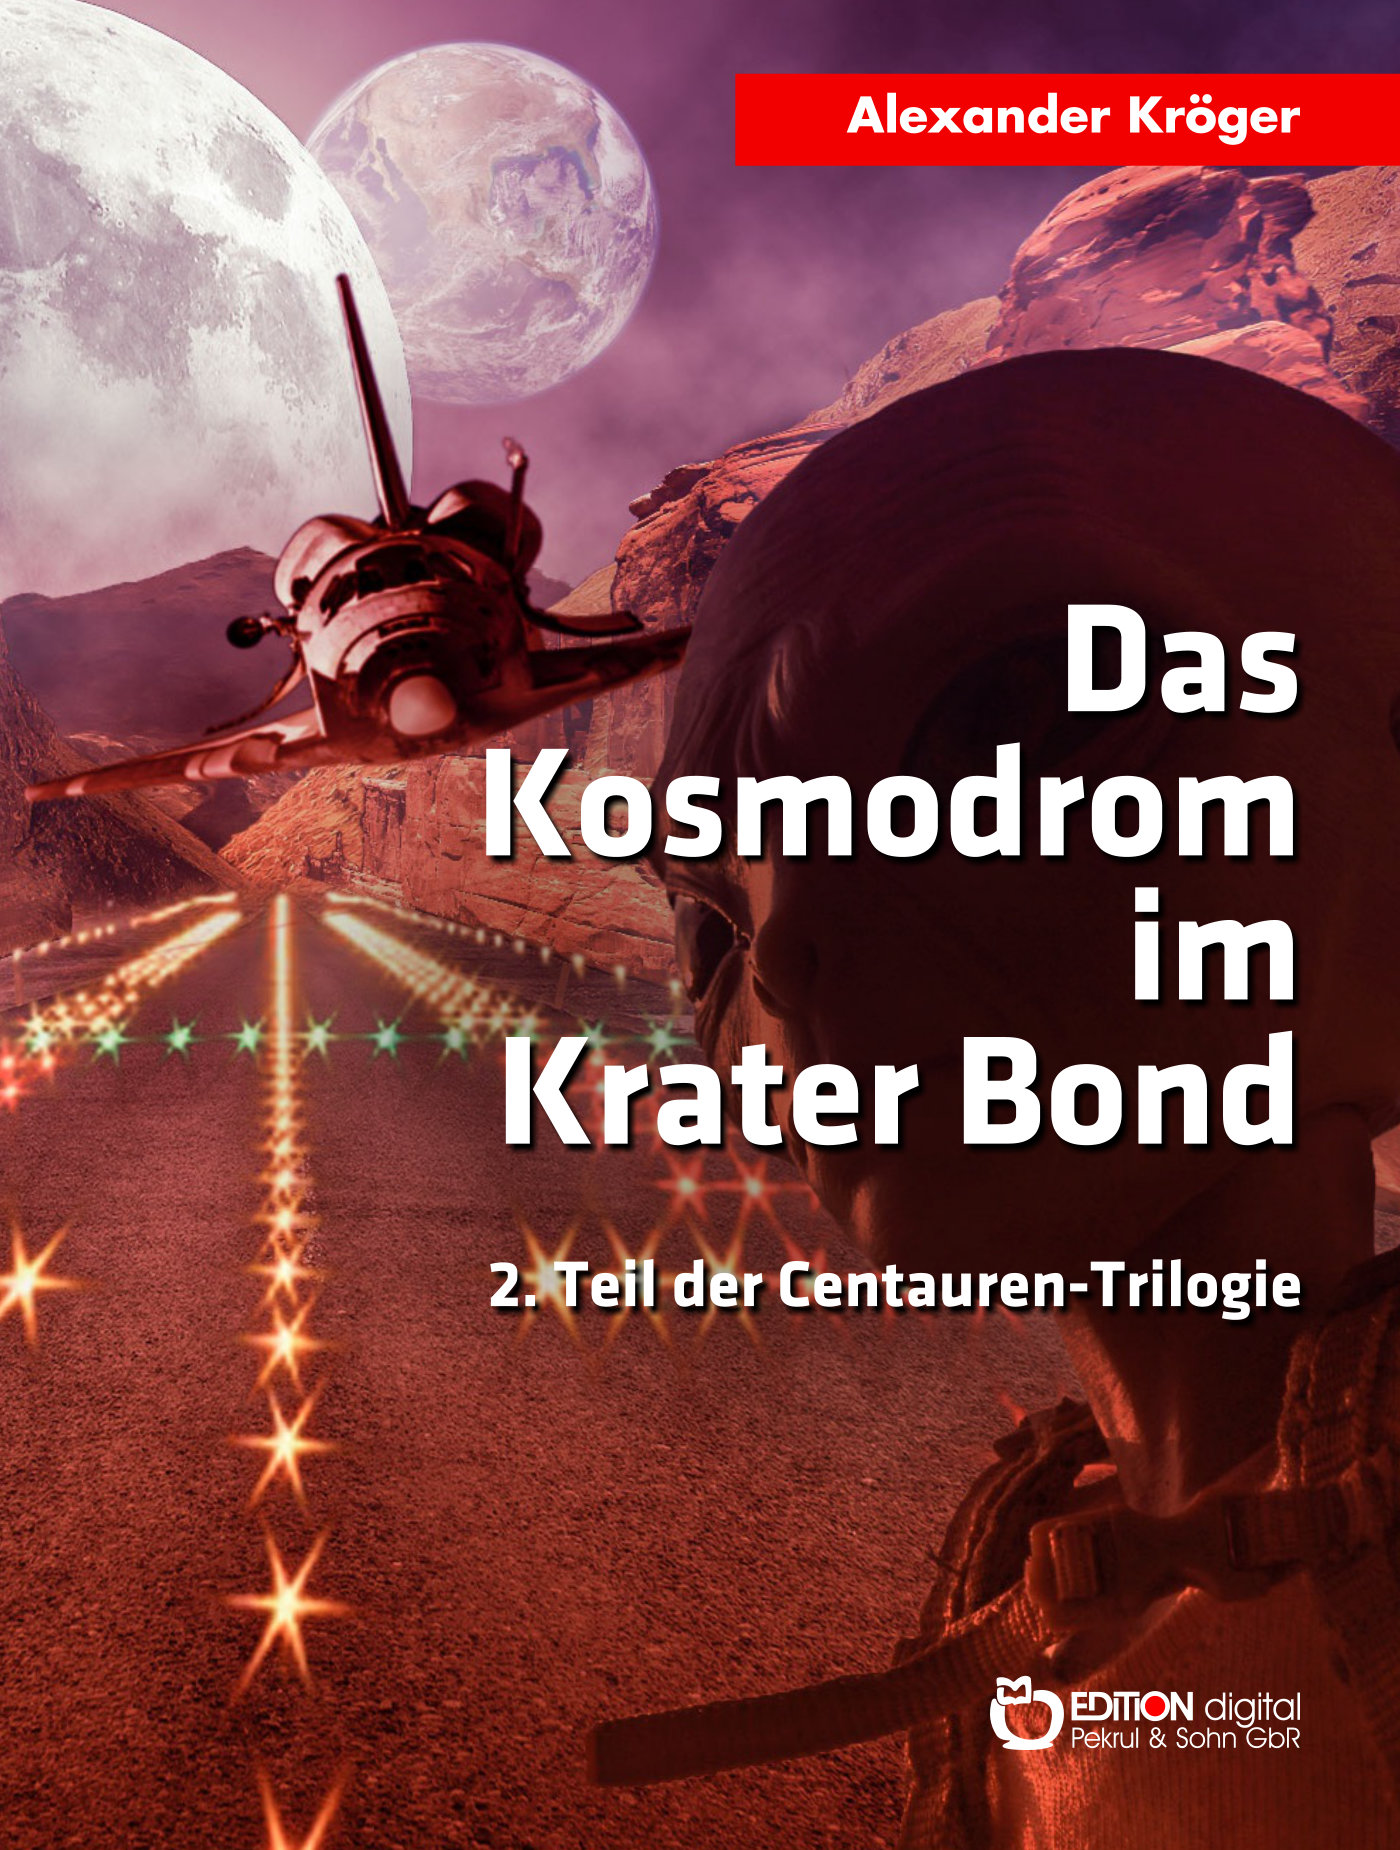 Das Kosmodrom im Krater Bond. 2. Teil der Centauren-Trilogie von Alexander Kröger